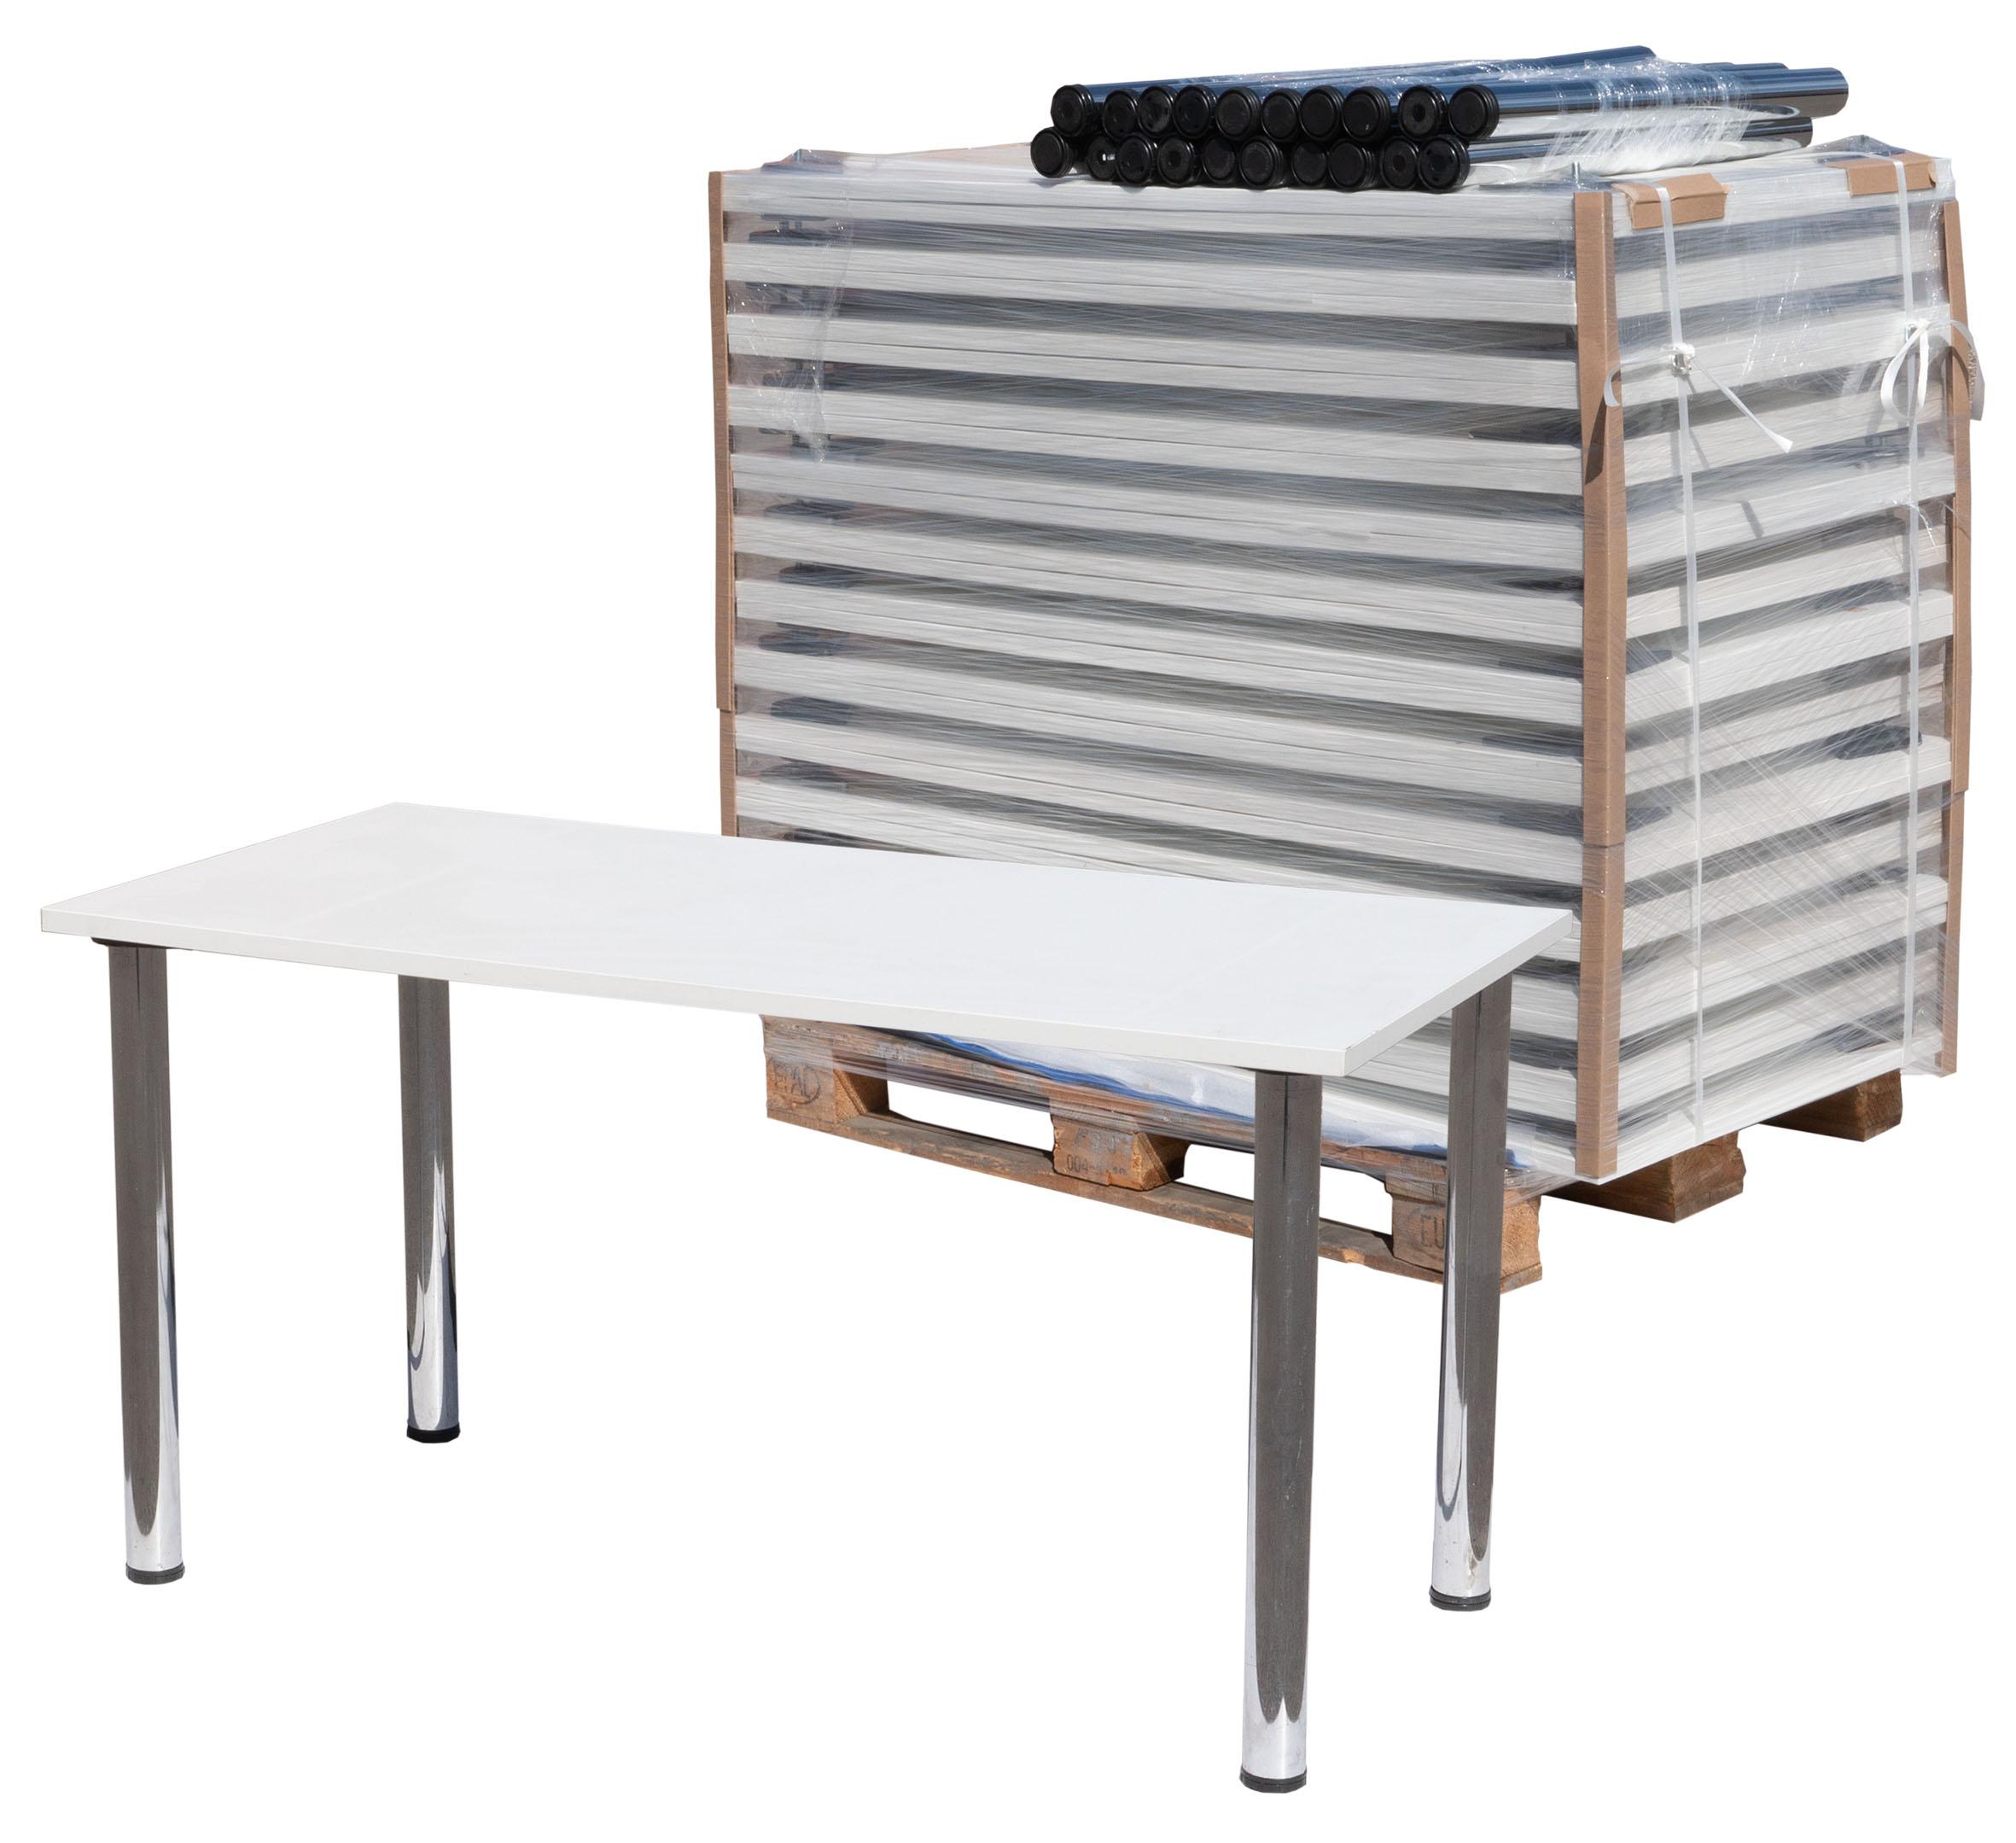 NEWPORT Tisch 140 cm x 70 cm  / Pallettenware / 25 Garnituren /  für 35 Meter Gesamt-Tischlänge